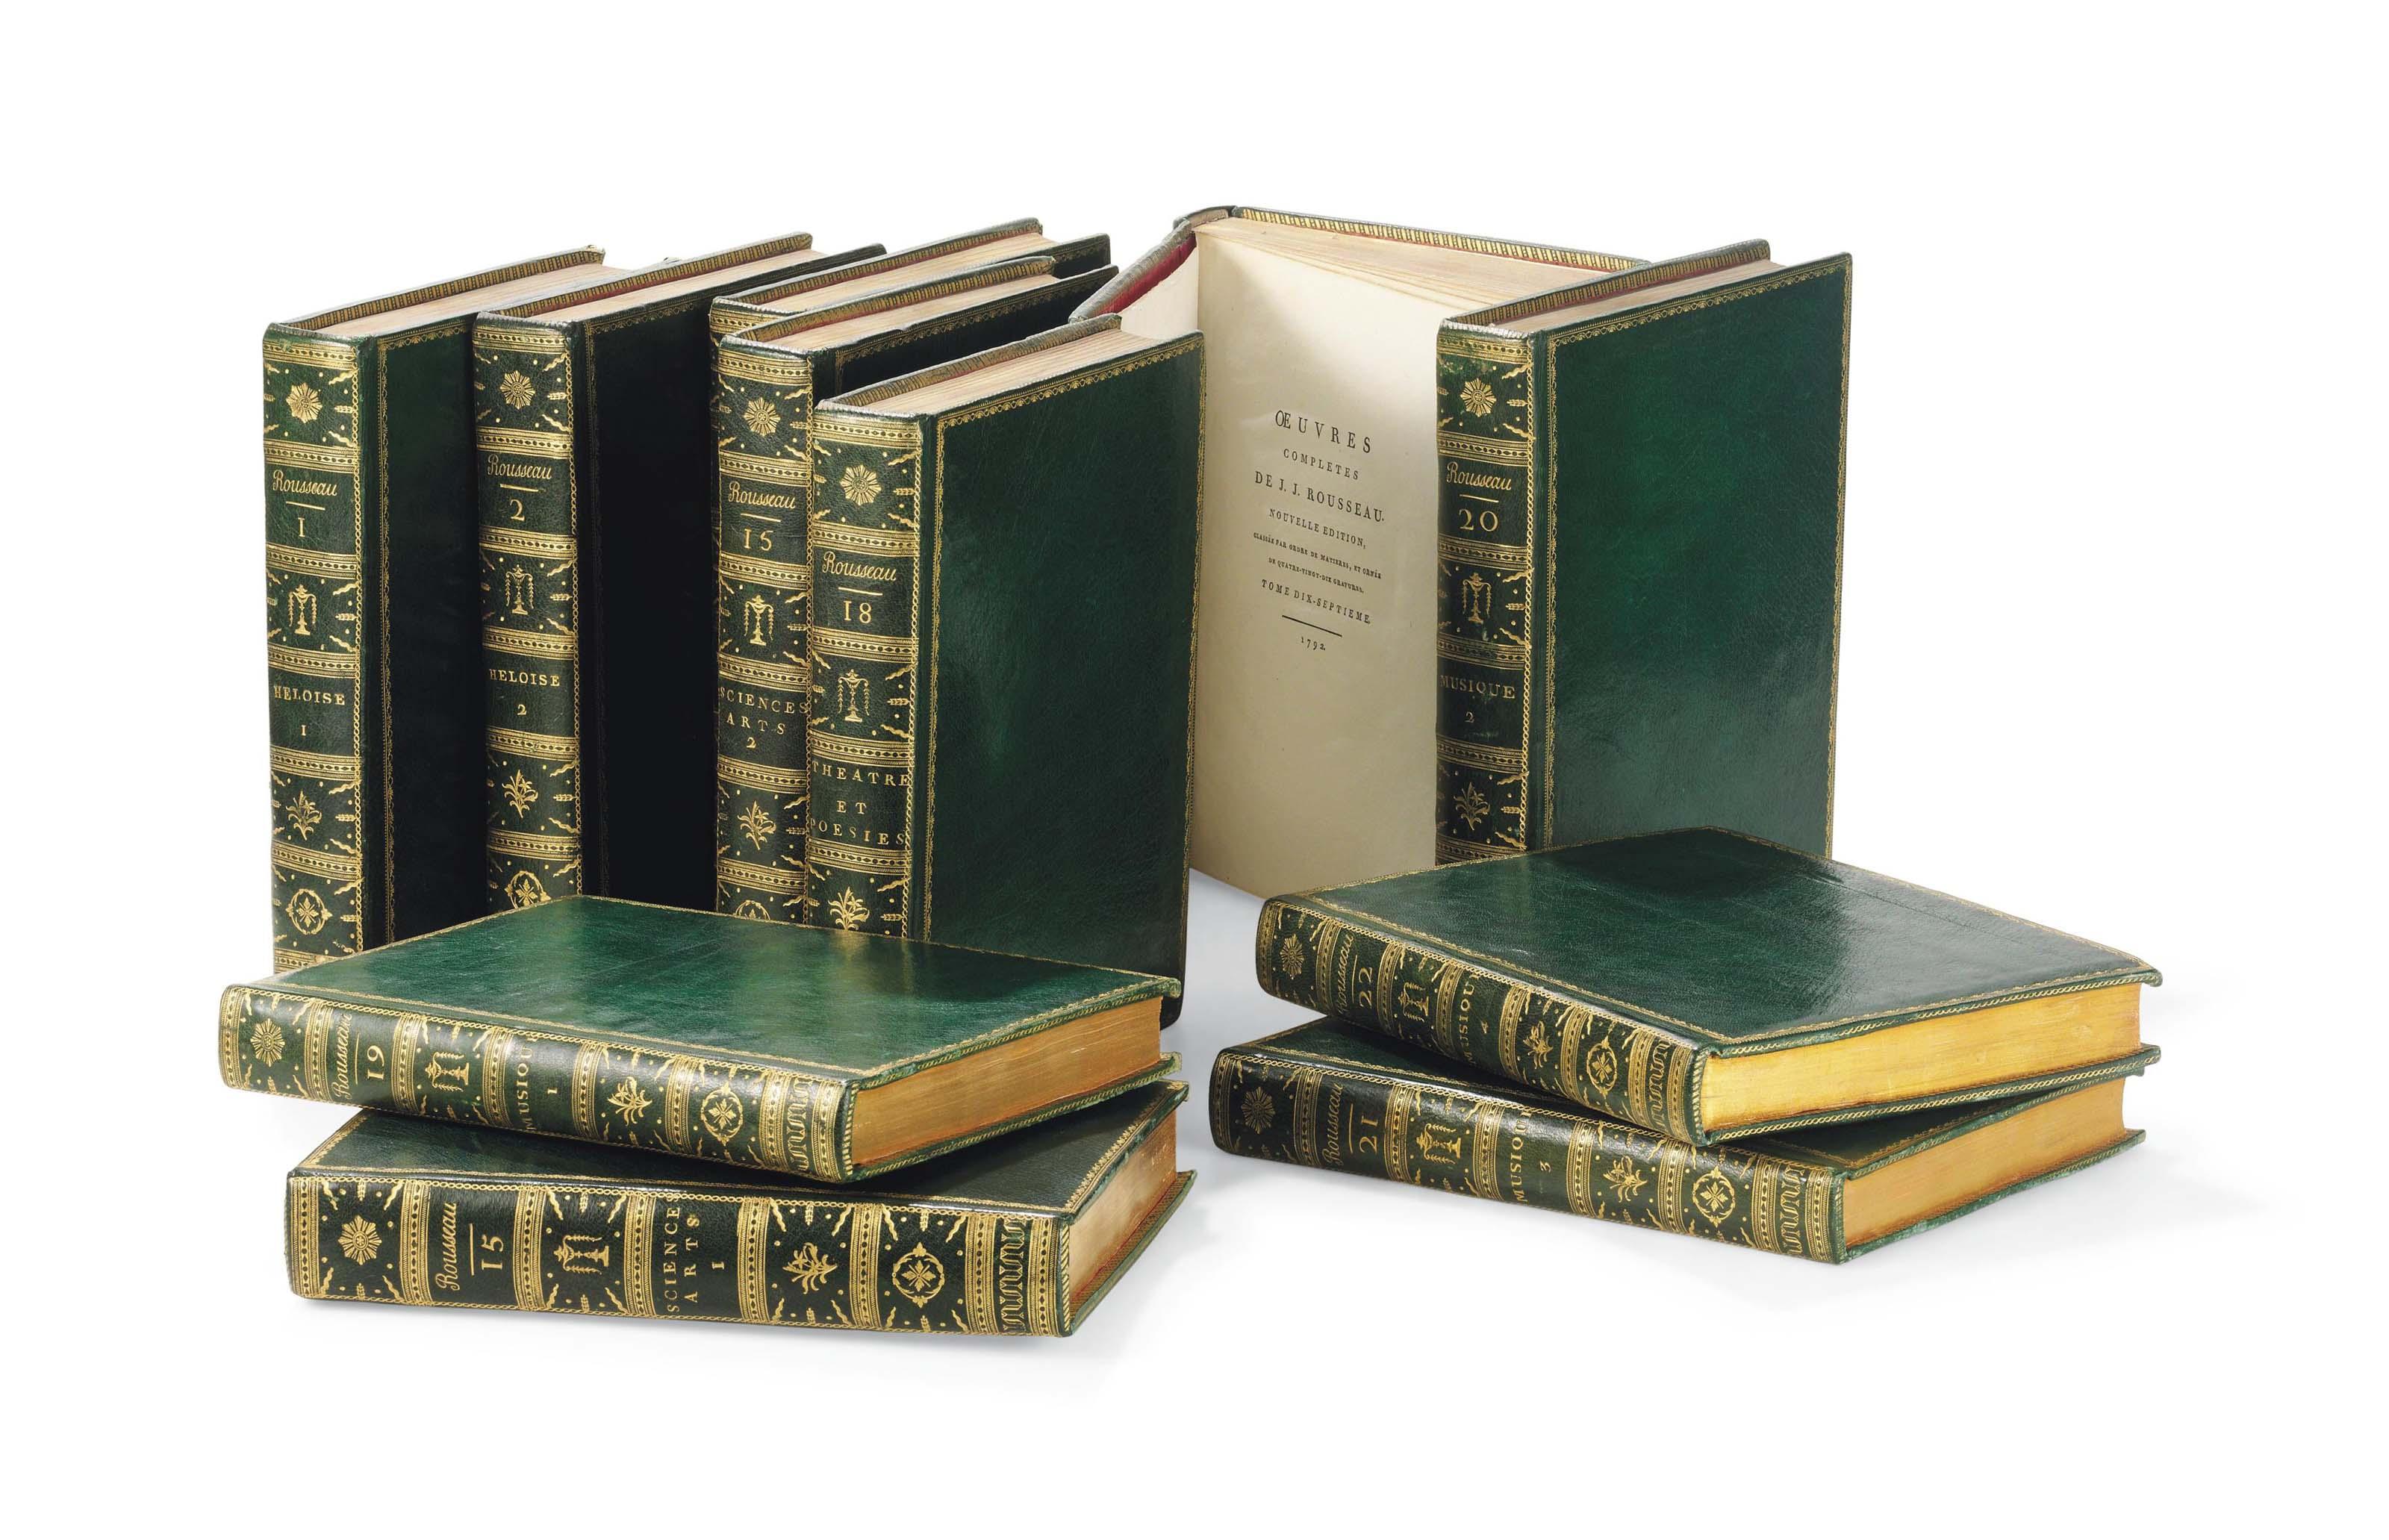 ROUSSEAU, Jean-Jacques (1712-1778). Oeuvres complètes. Nouvelle édition. [Paris : Poinçot] 1788-1793.